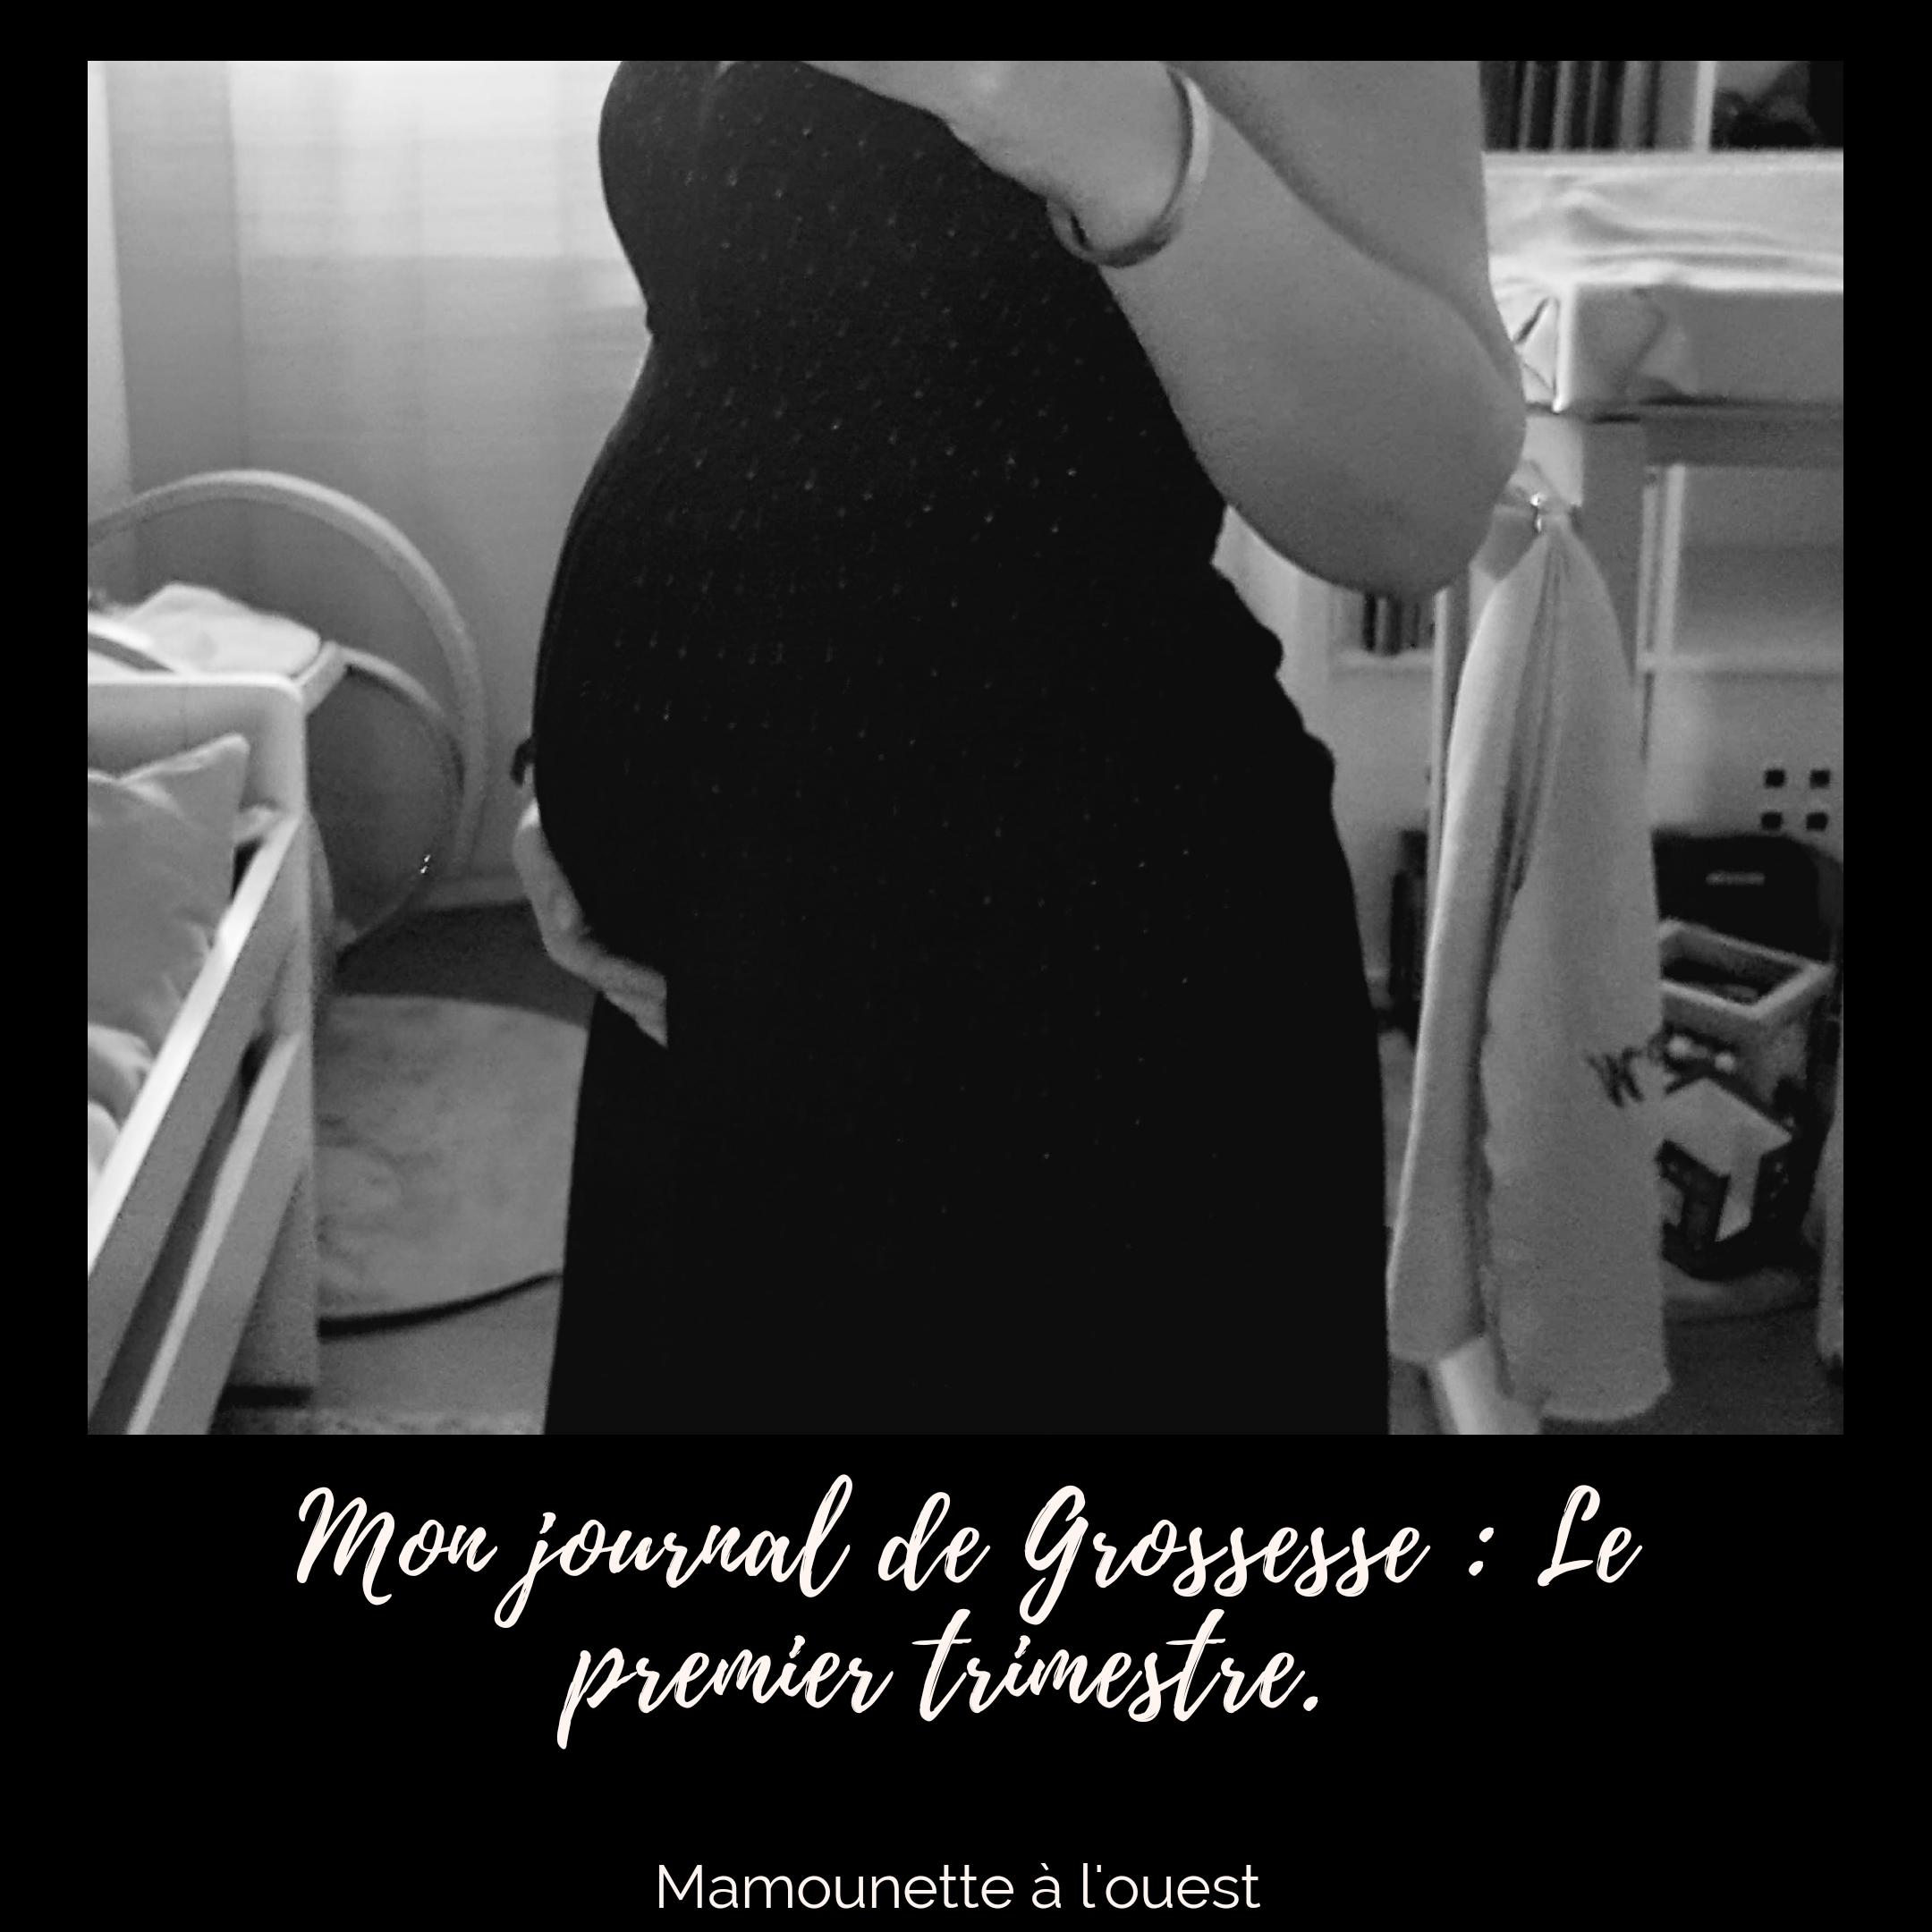 Mon journal de grossesse : Le premier trimestre